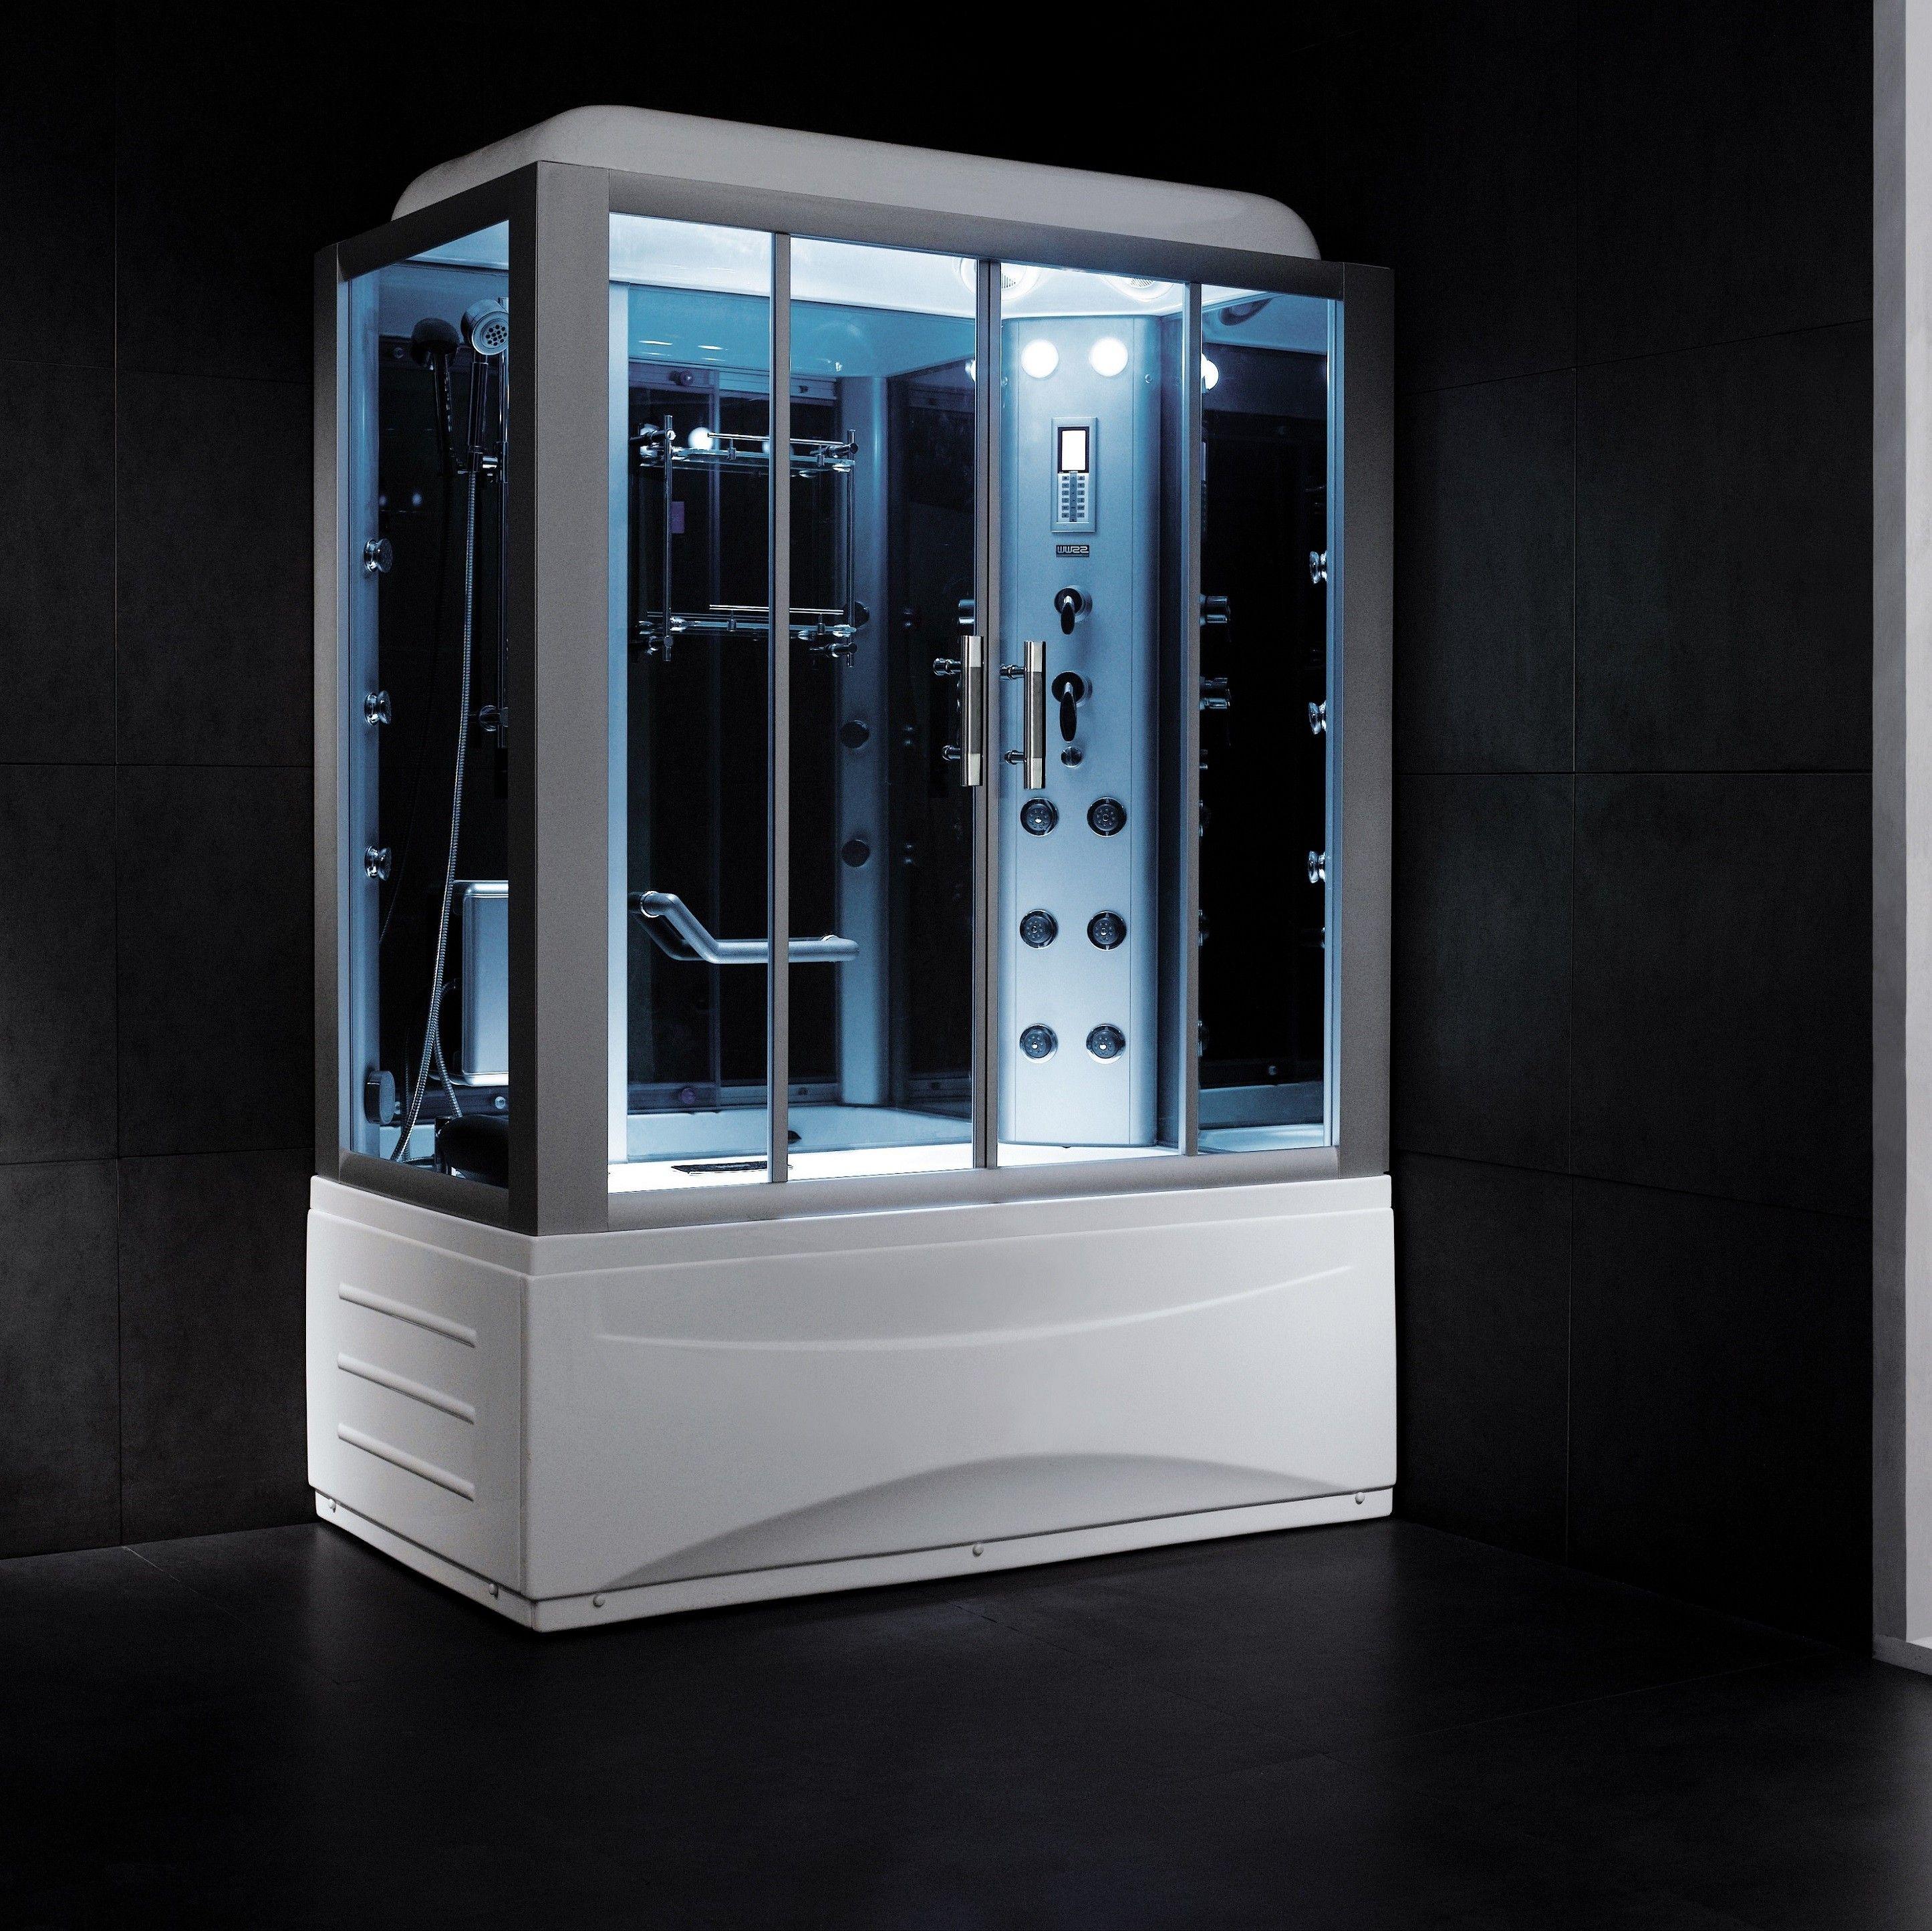 Essex Luxury Steam Shower Luxury Bathroom Steam Showers Sauna Shower